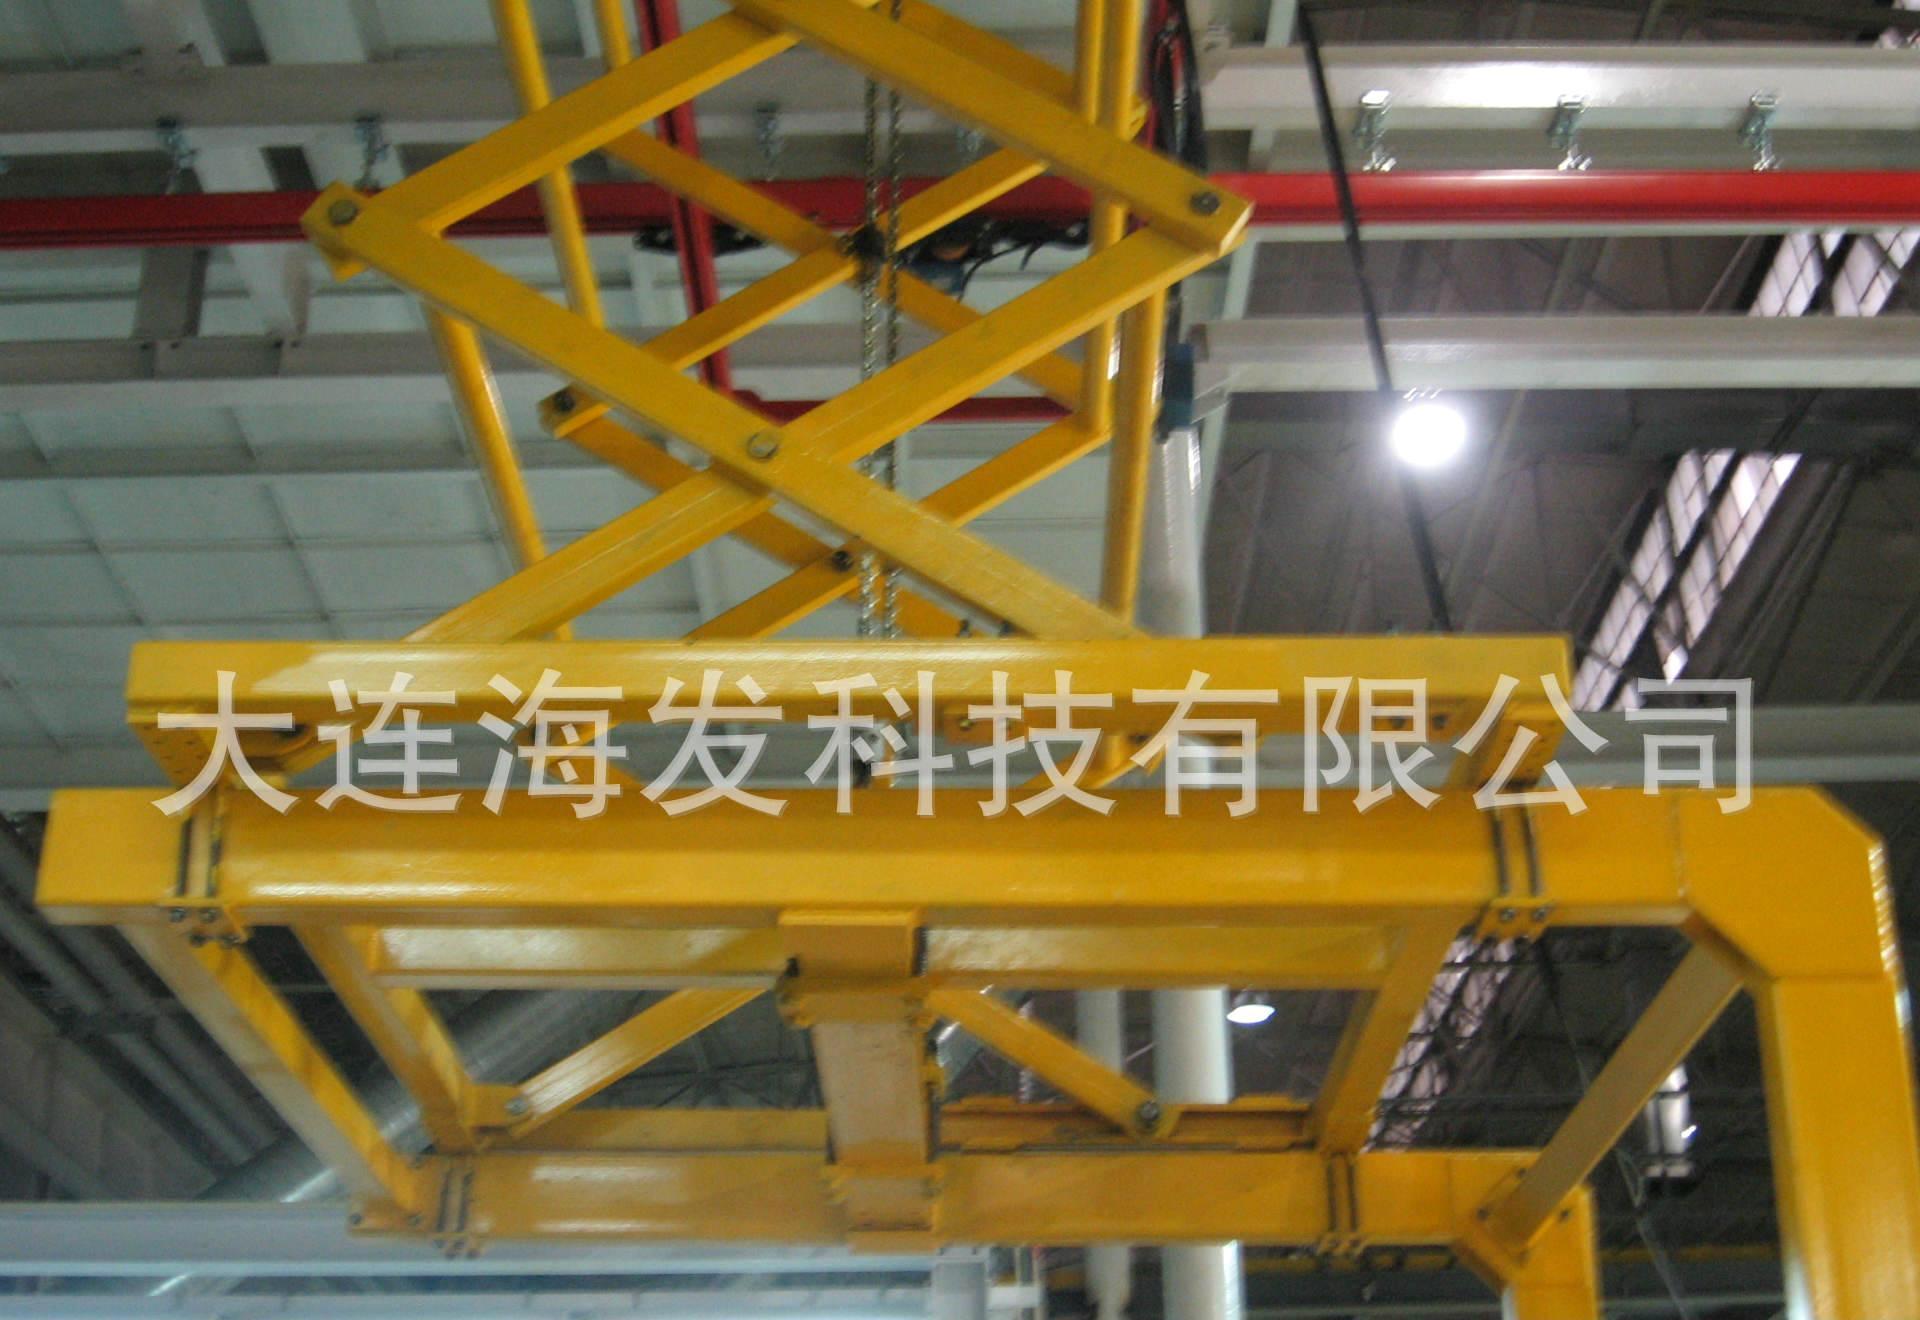 大连海发科技 汽车工业—叉式升降空中自动输送车